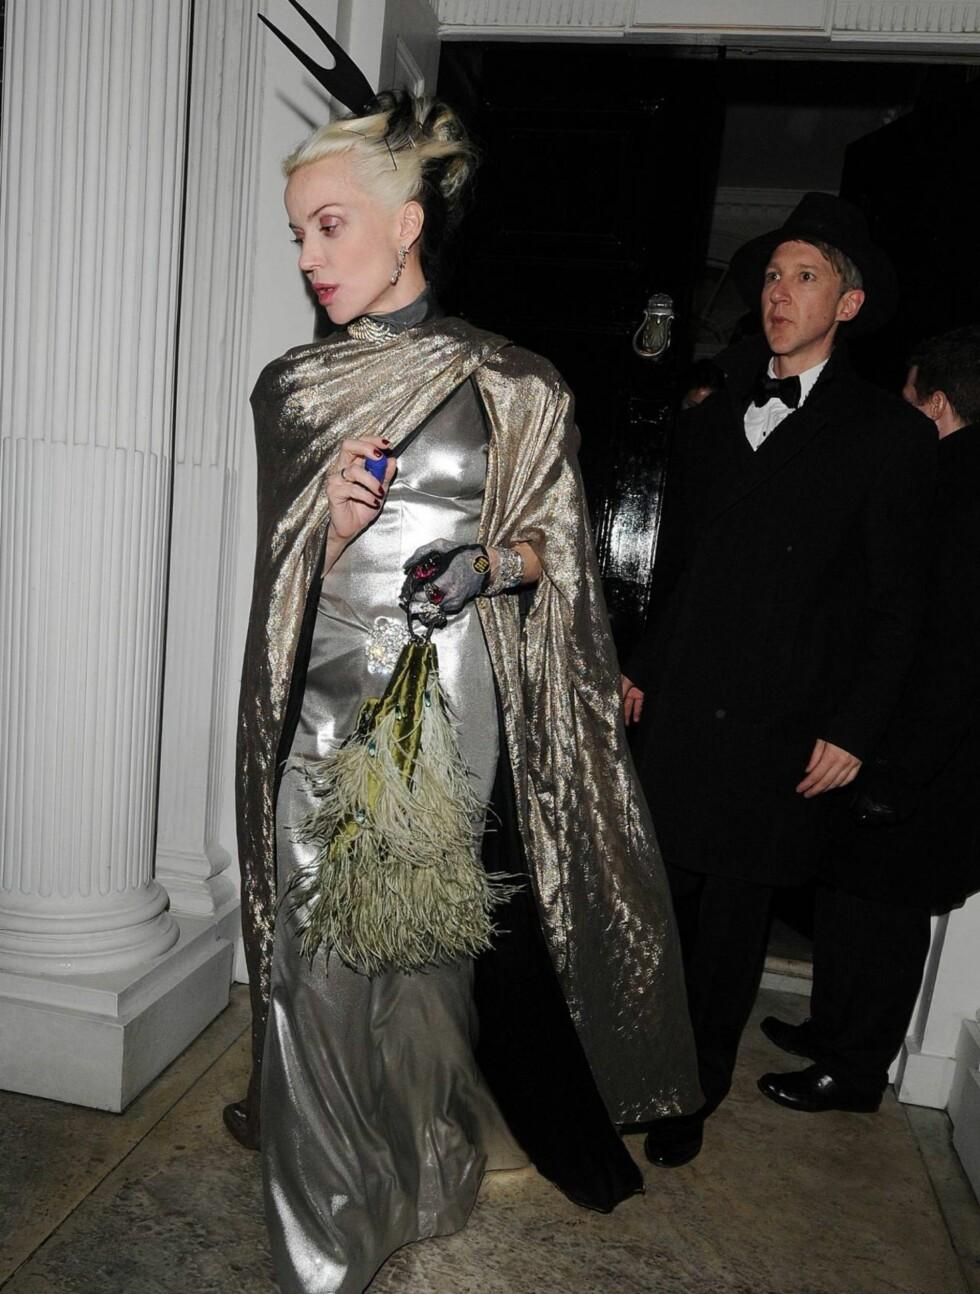 VÅGAL: Hennes alternative klesstil skiller seg ut i mengden. Her på et moteevent i London. Foto: All Over Press